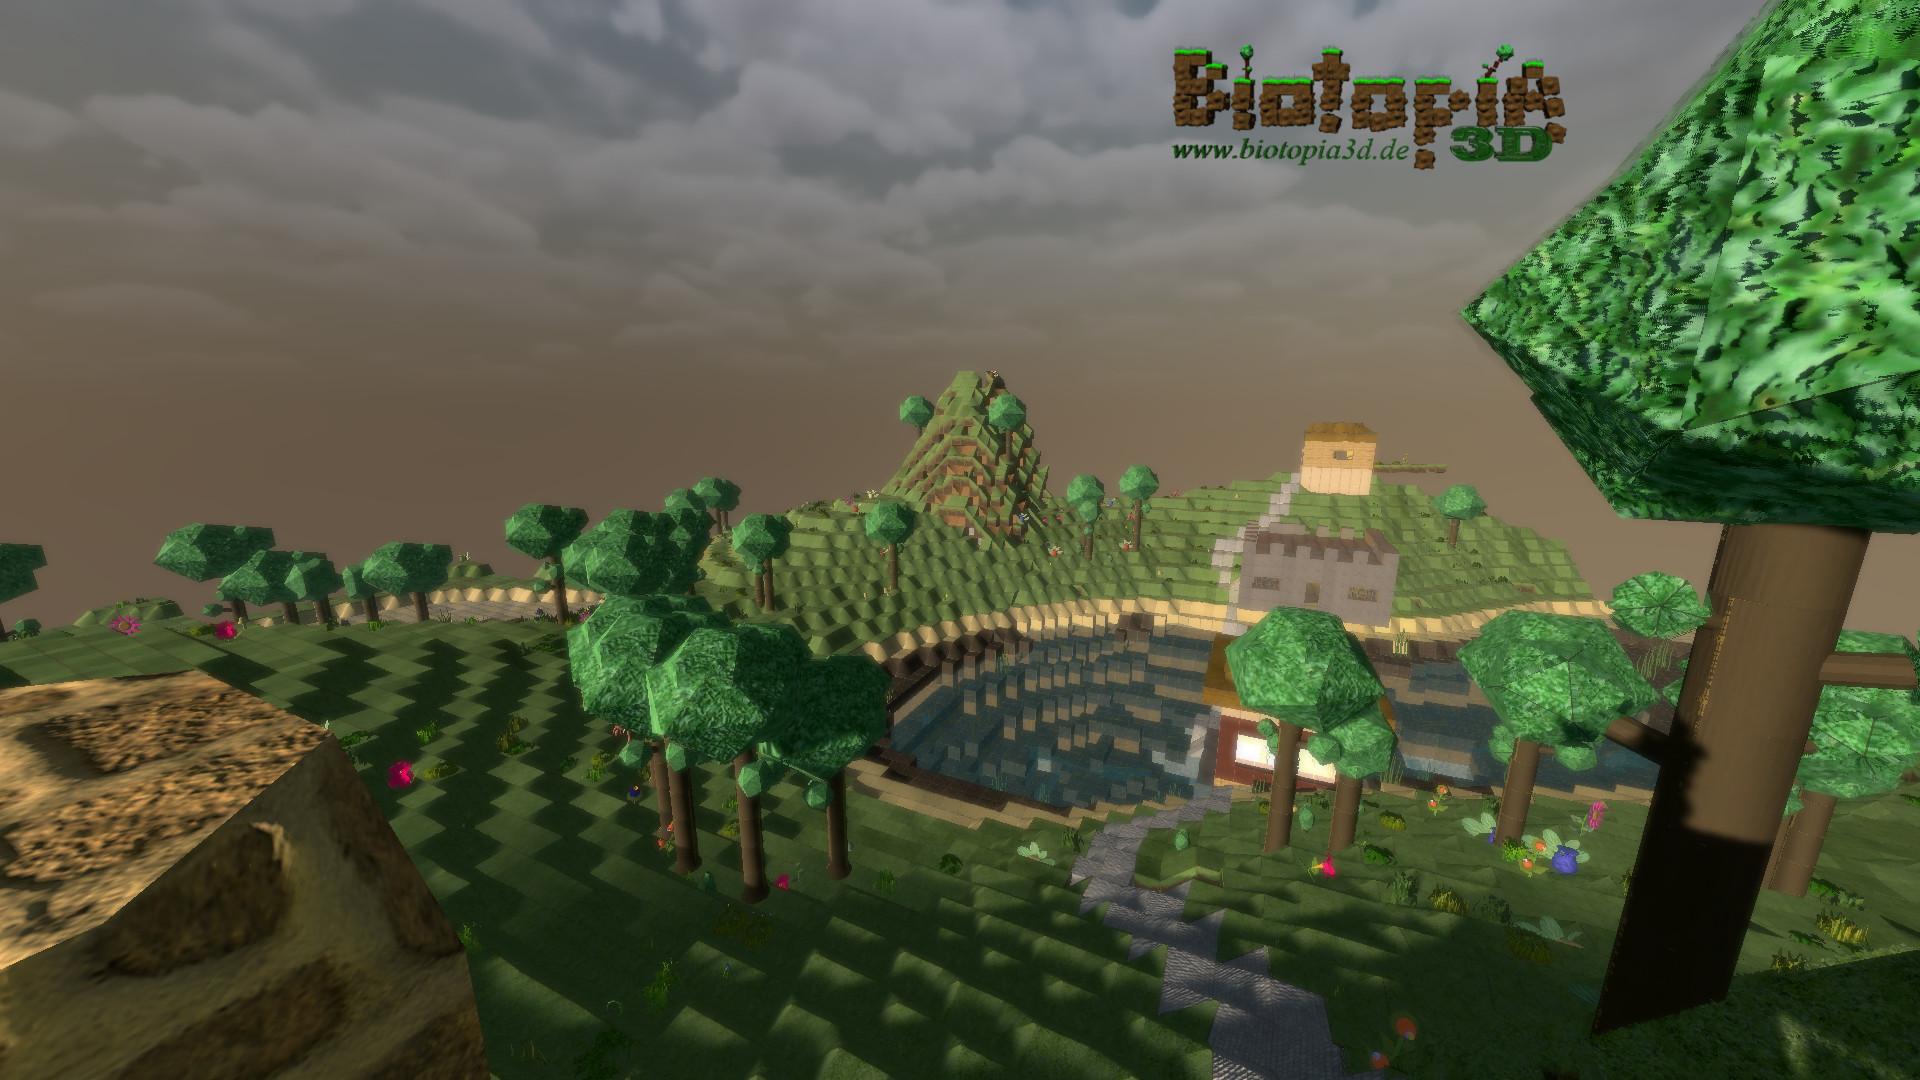 Biotopia 3D full screenshot